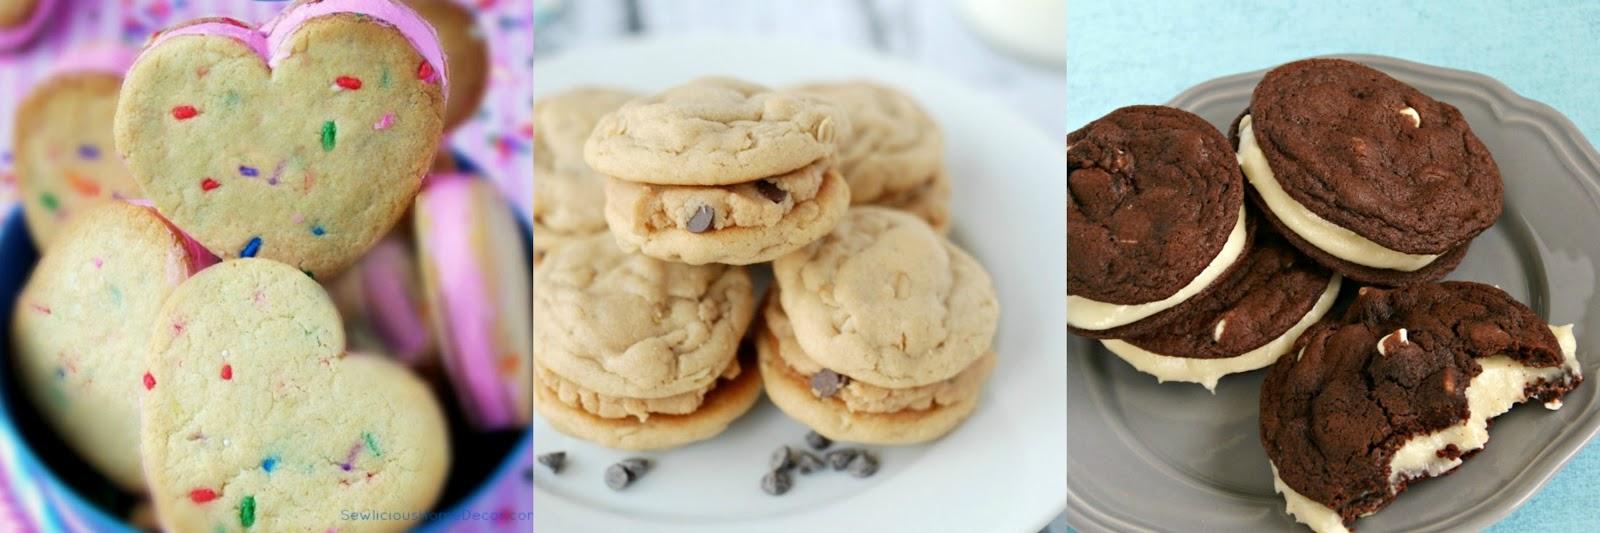 cookies+2 Mouth-Watering Cookies 12